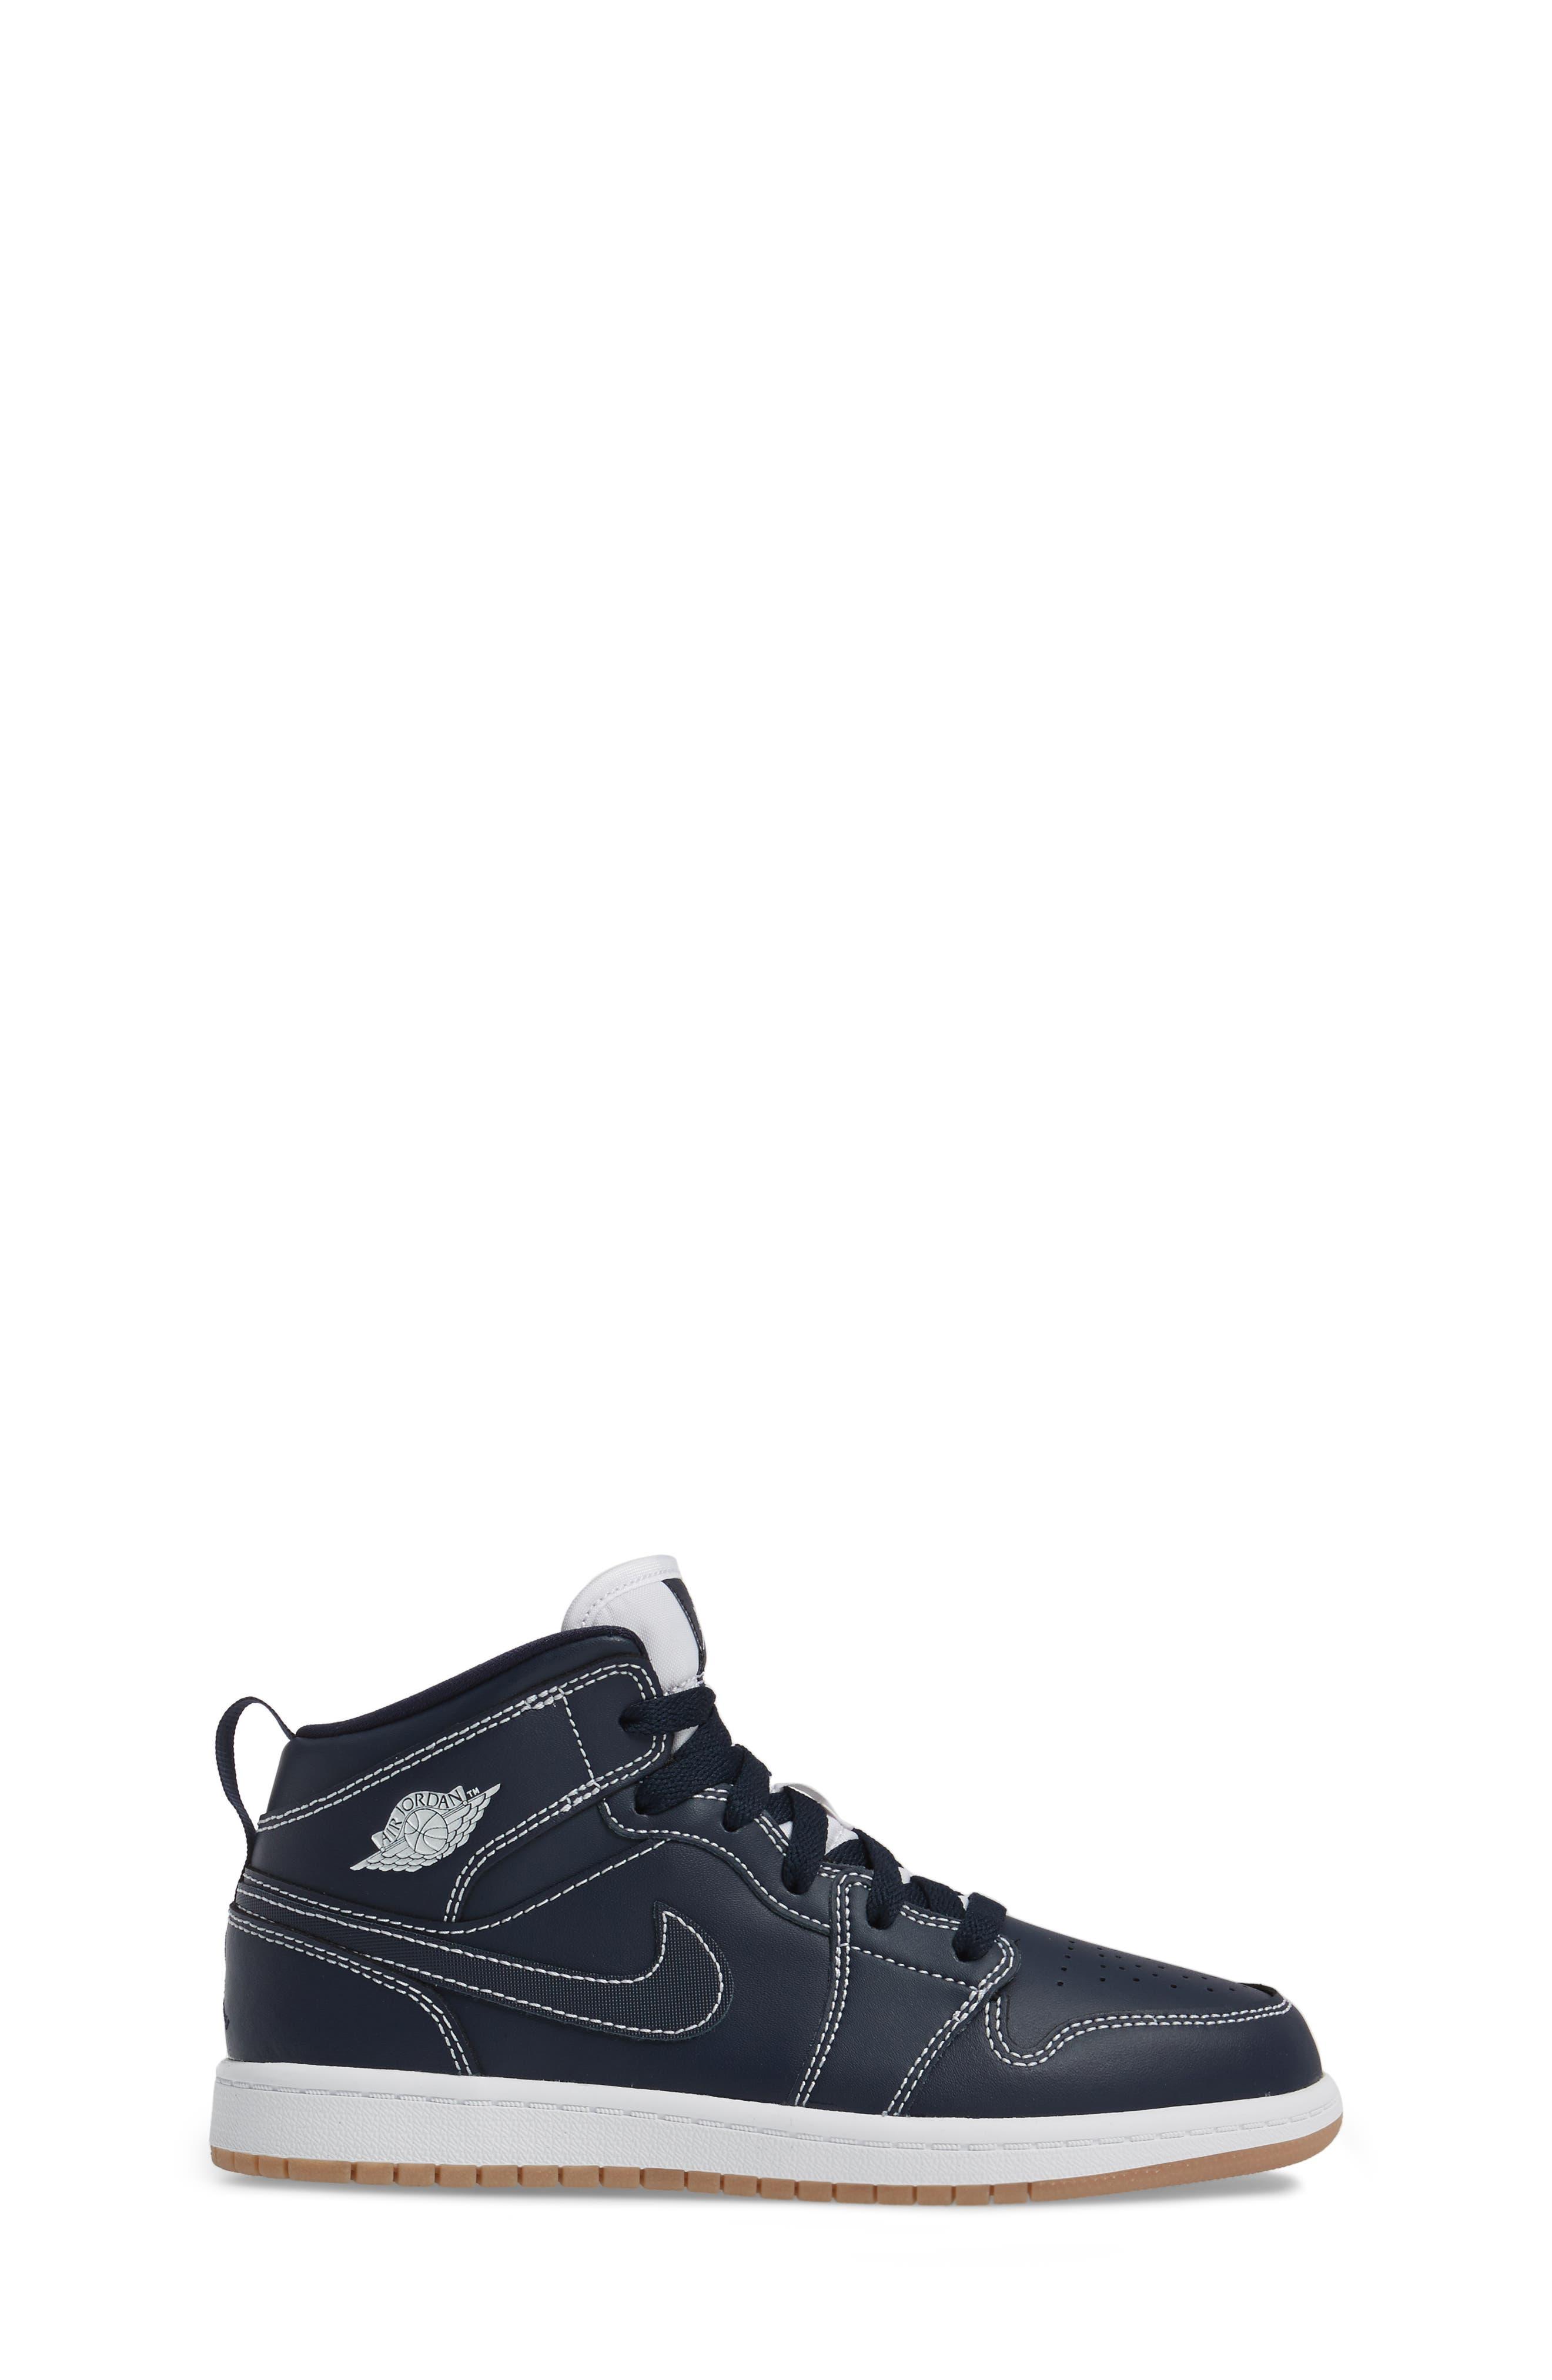 'Air Jordan 1' Mid Sneaker,                             Alternate thumbnail 3, color,                             Obsidian/ White